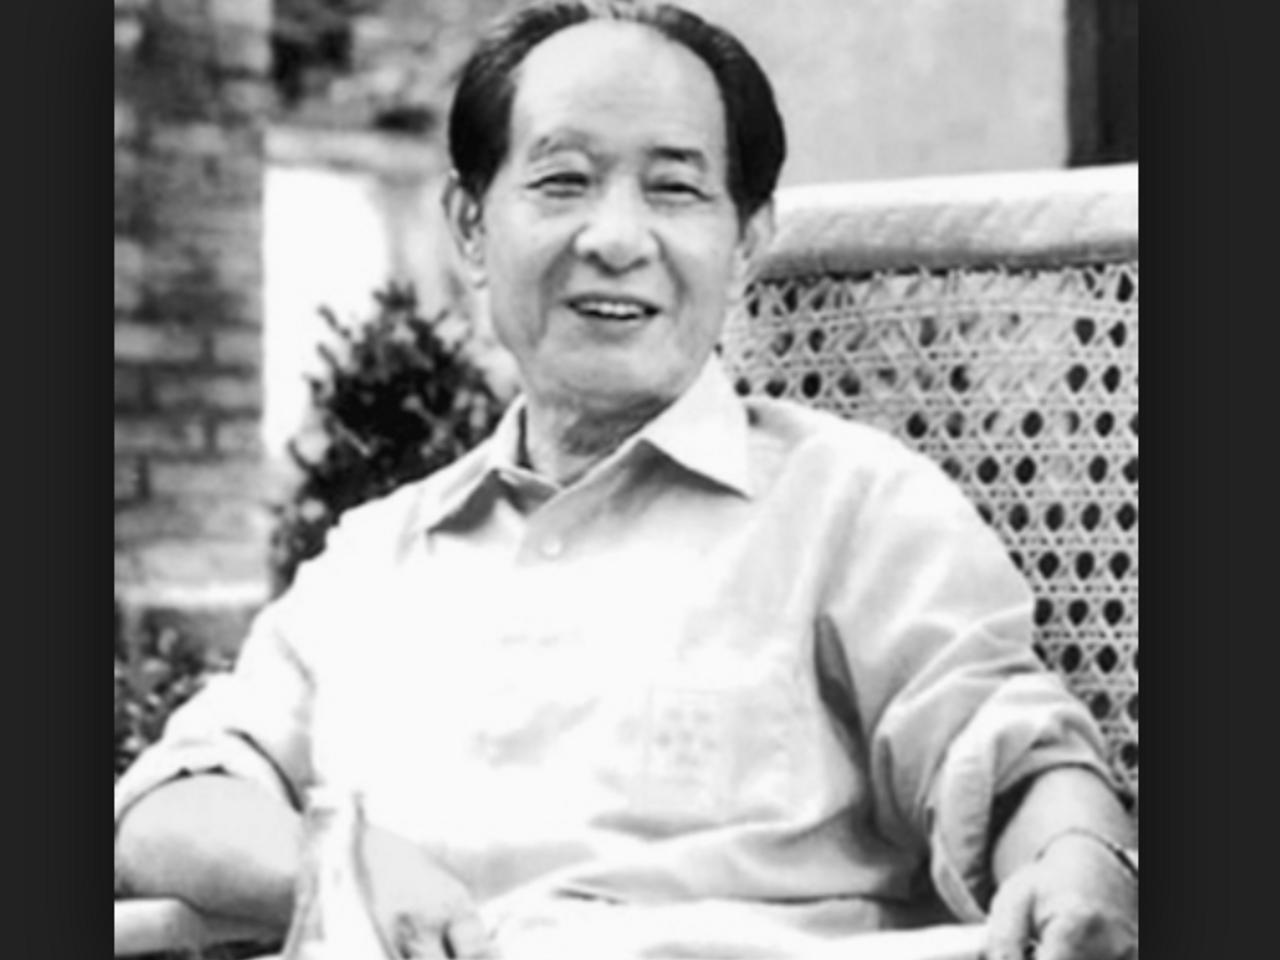 六四紀念系列:王軍濤談胡耀邦去世為何引發89年北京之春- 特別節目